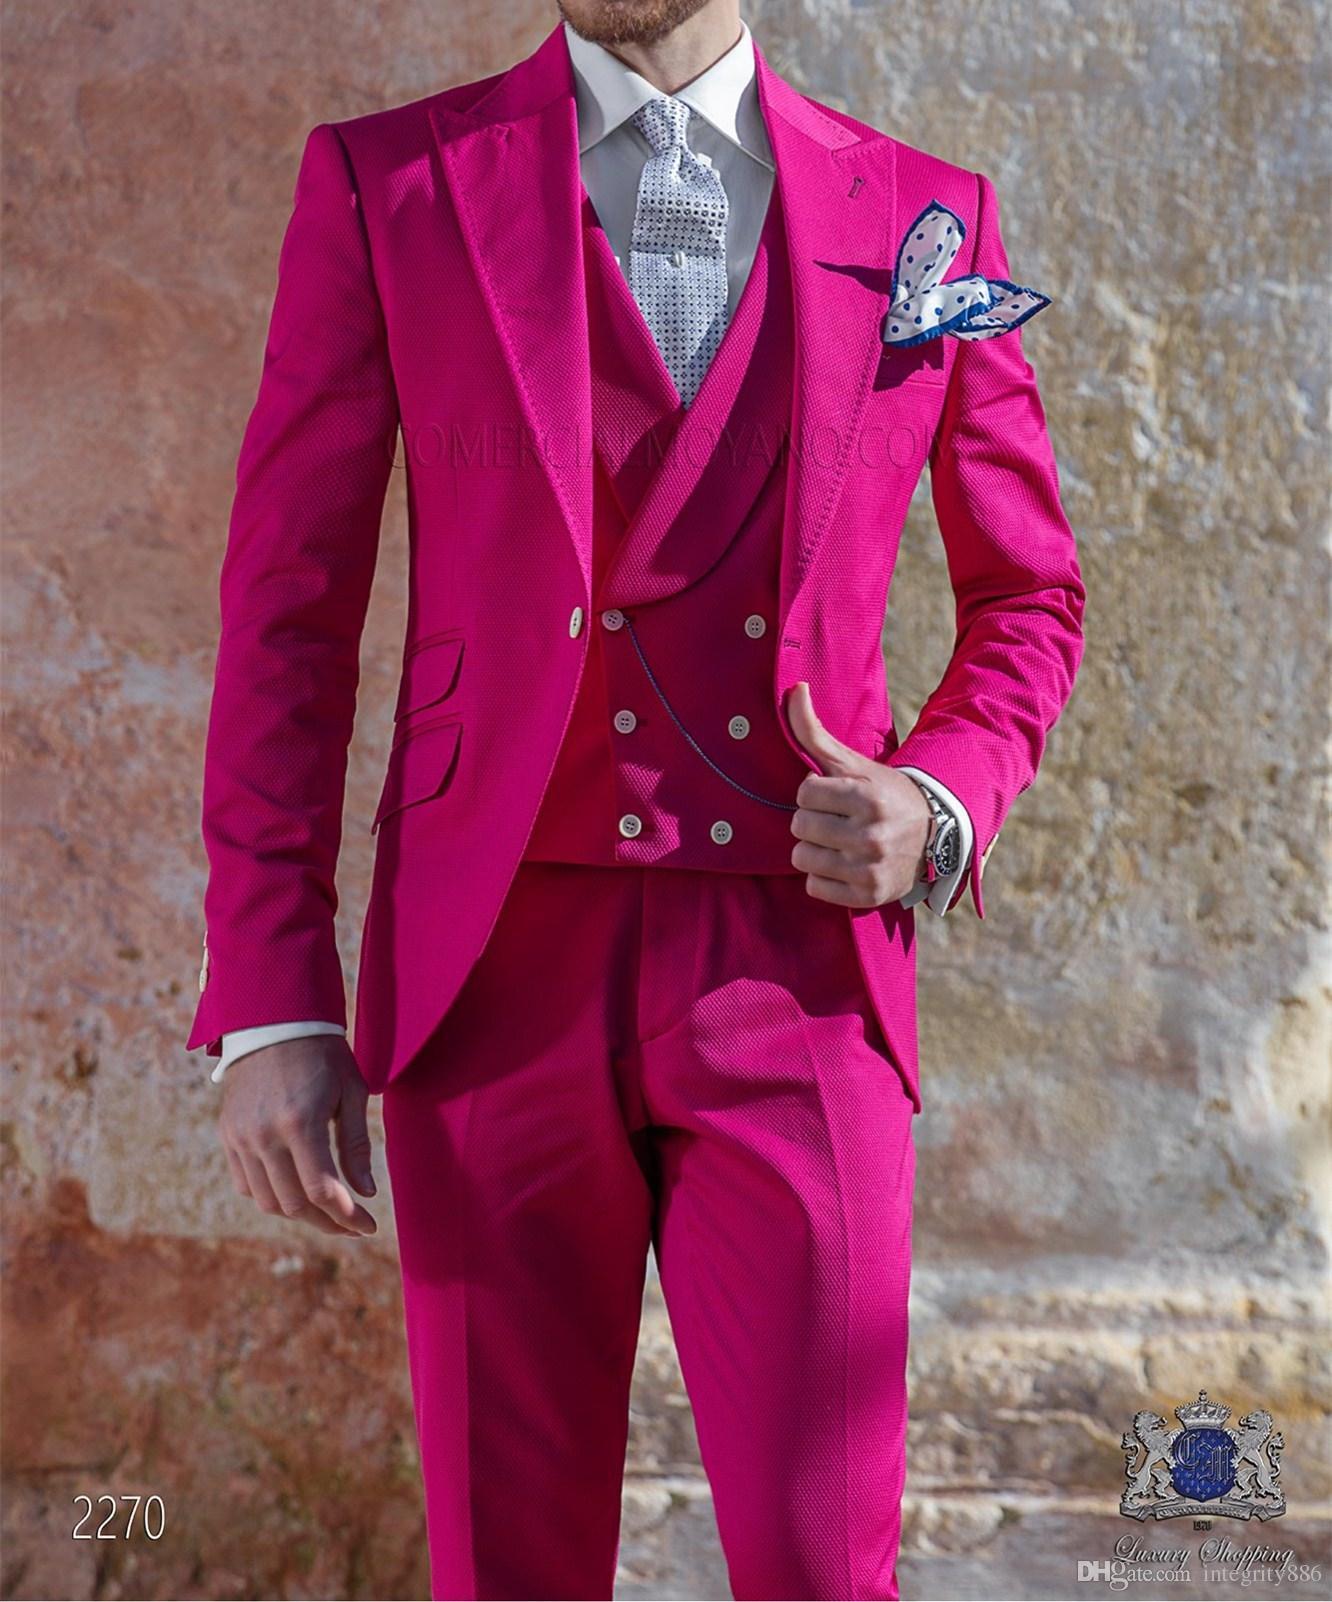 Compre Moda Hot Pink 3 Piezas Traje Hombres Boda Esmoquin Guapo ...